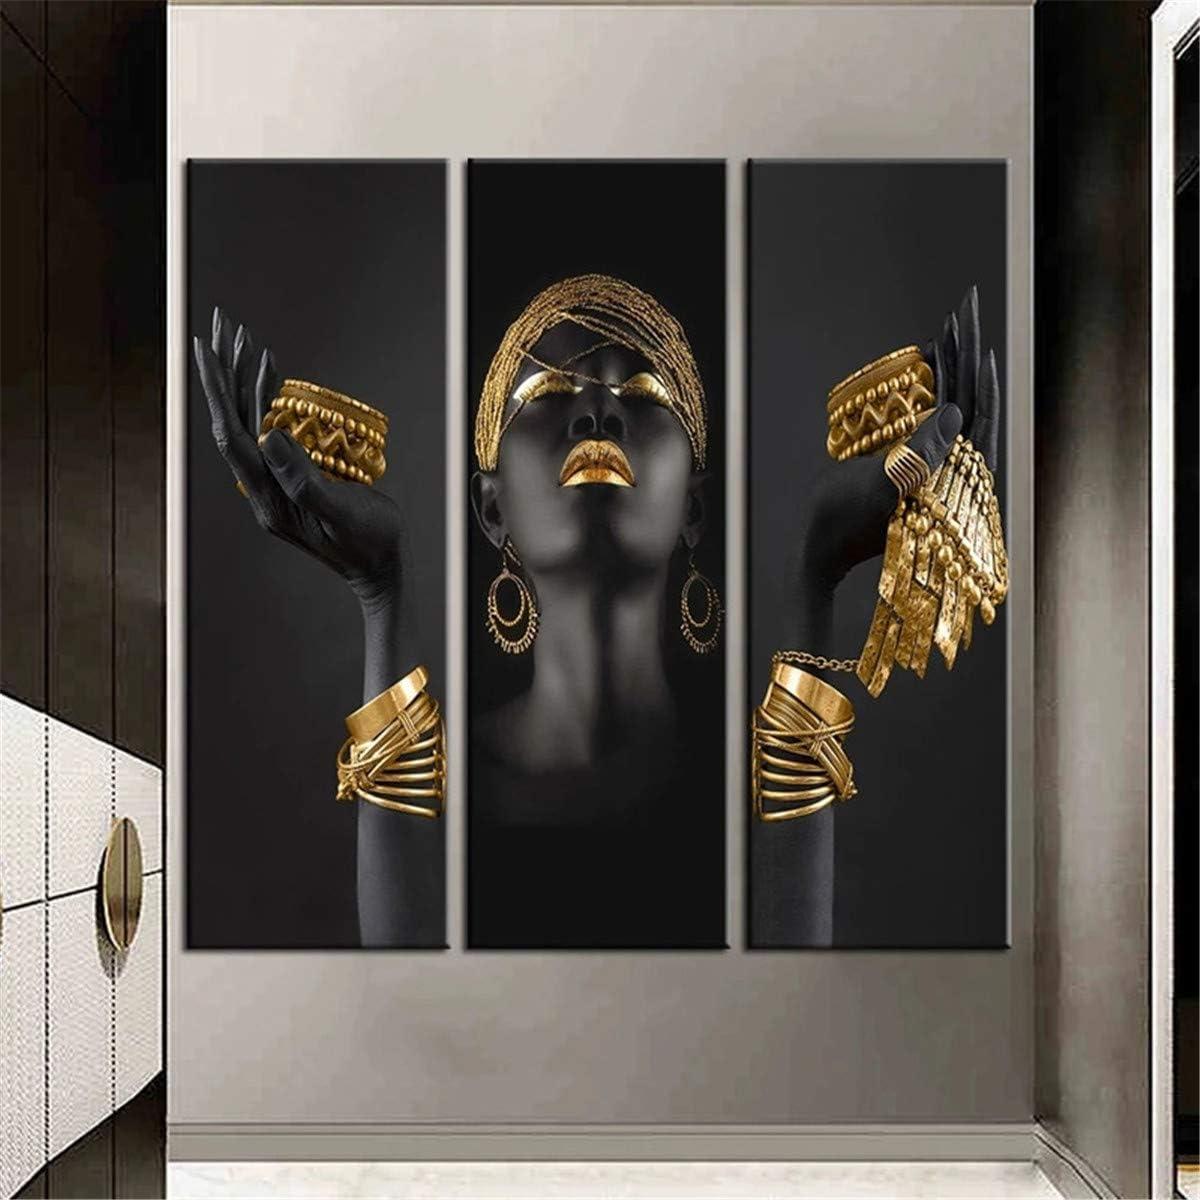 Ivpss personalizable mujer africana pintura arte de la pared carteles e impresiones gran mujer negra sosteniendo joyas de oro lienzo imagen decoración del hogar